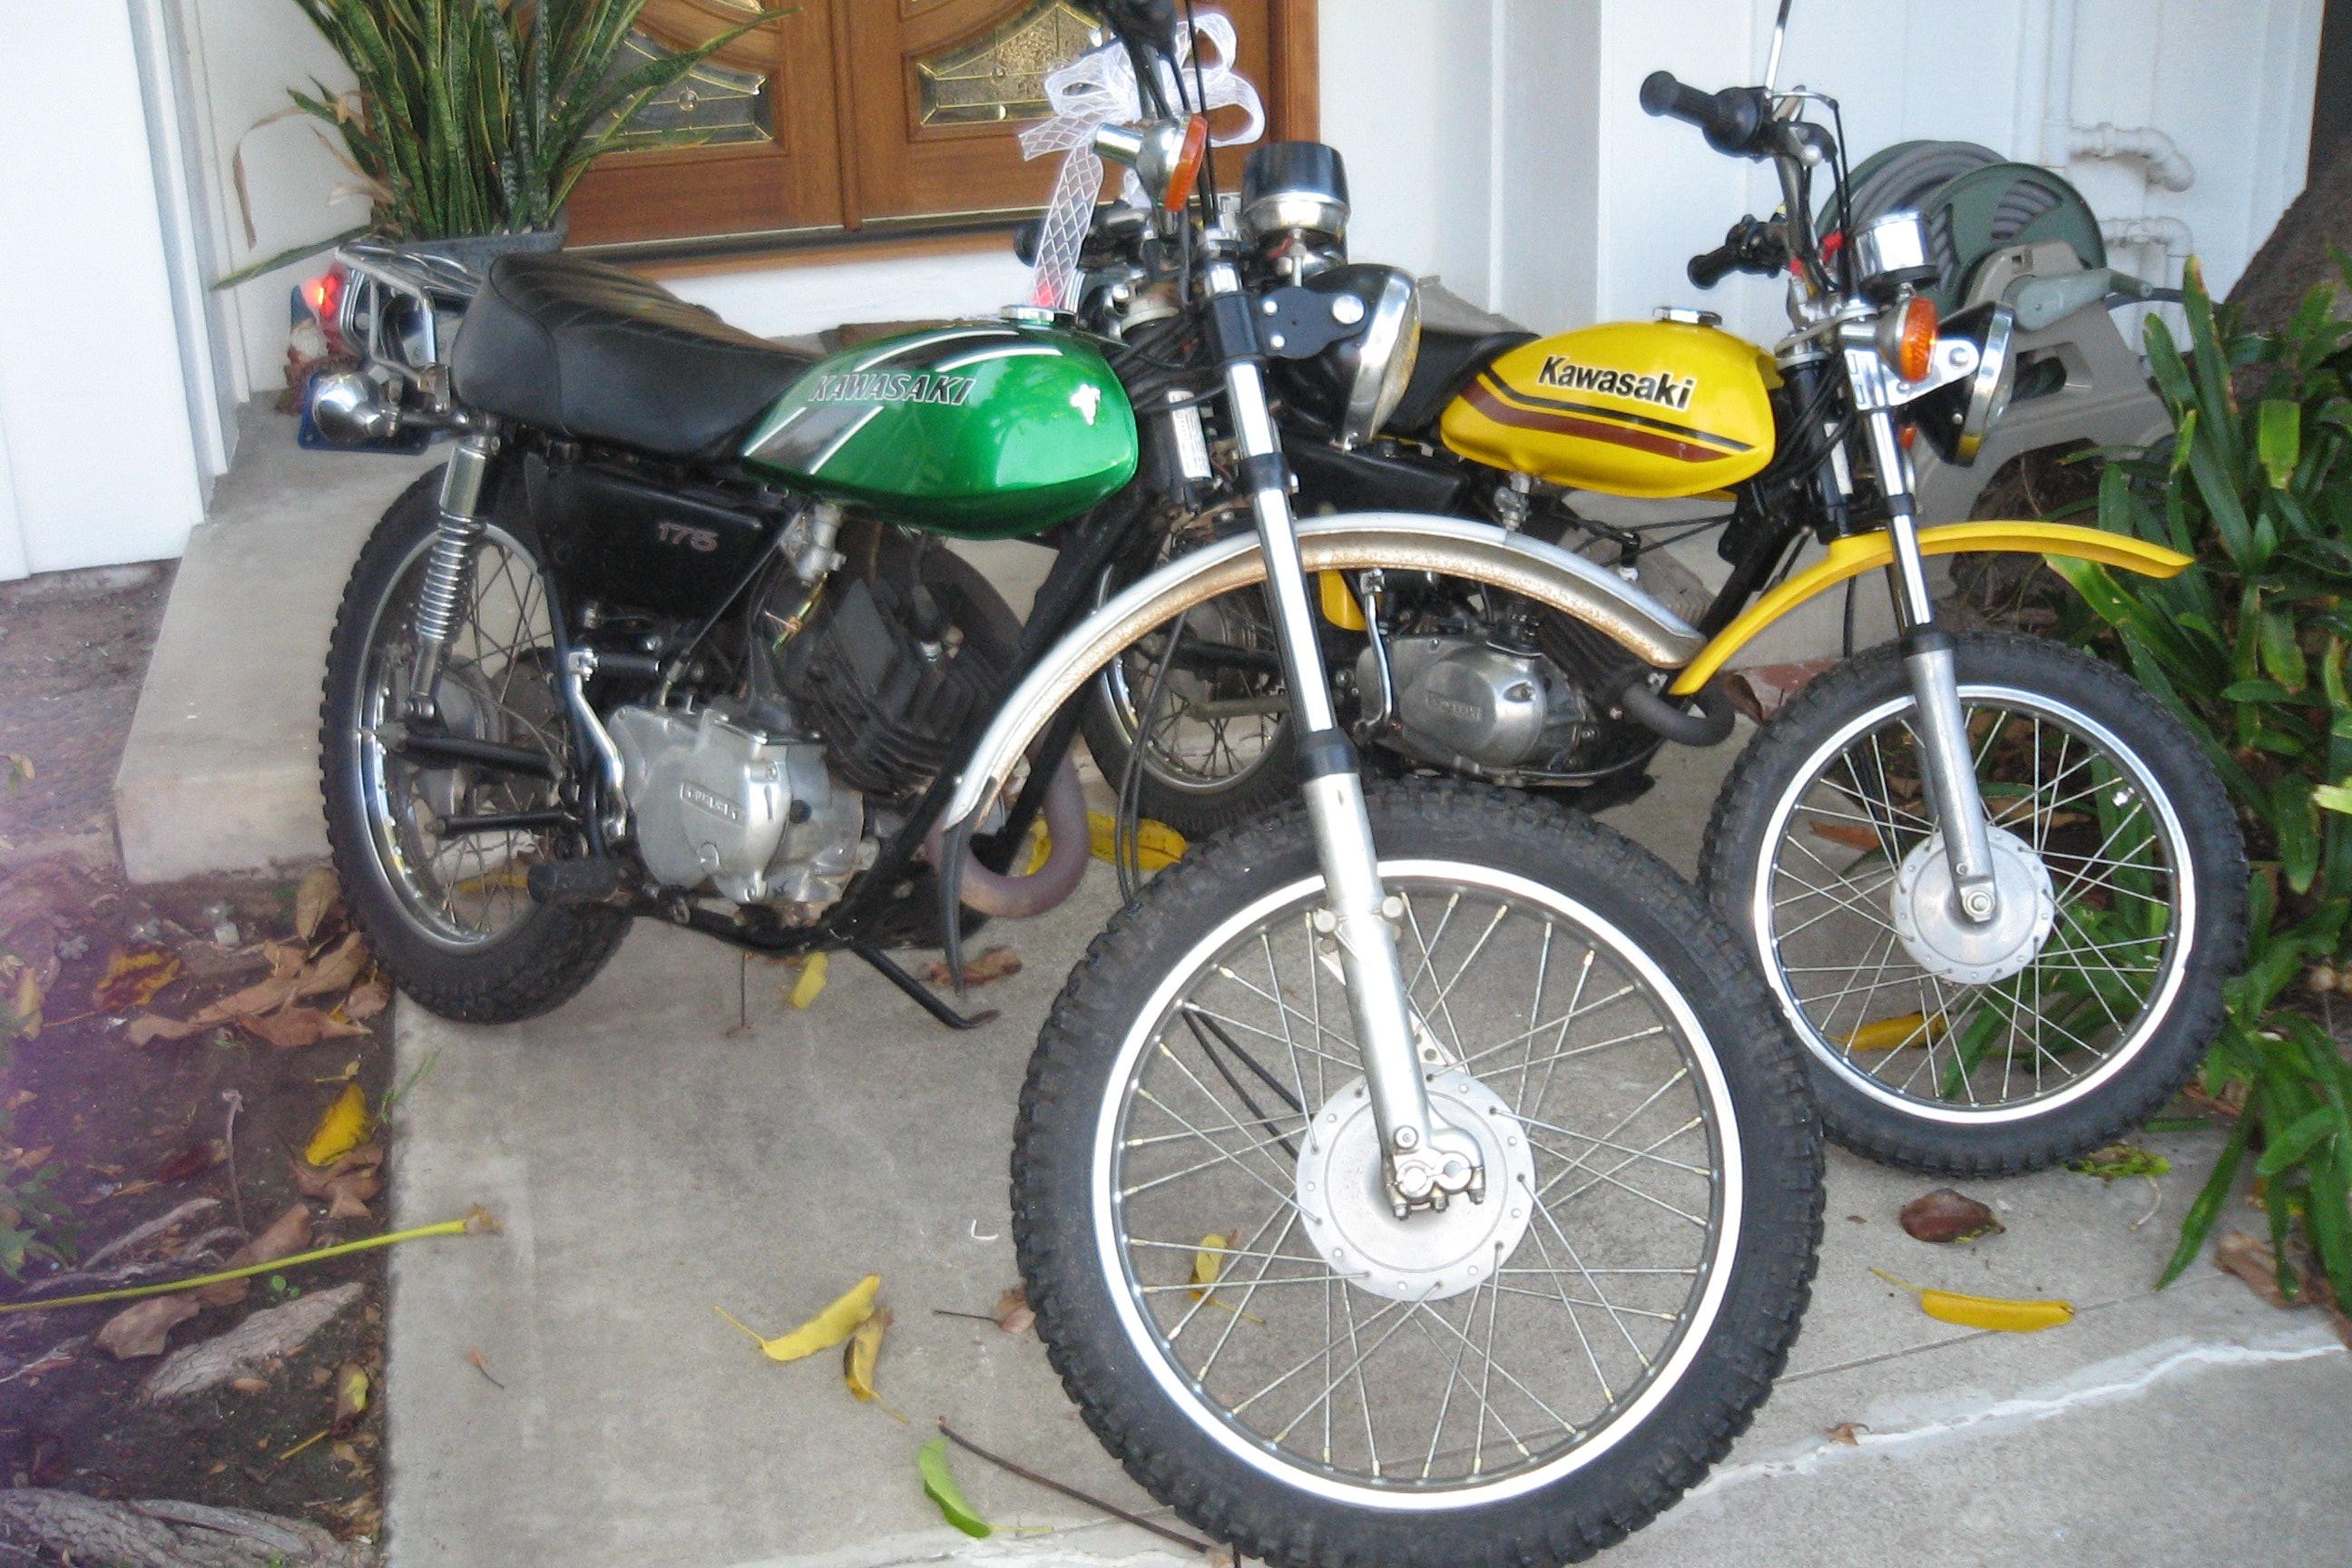 1975 Kawasaki F7